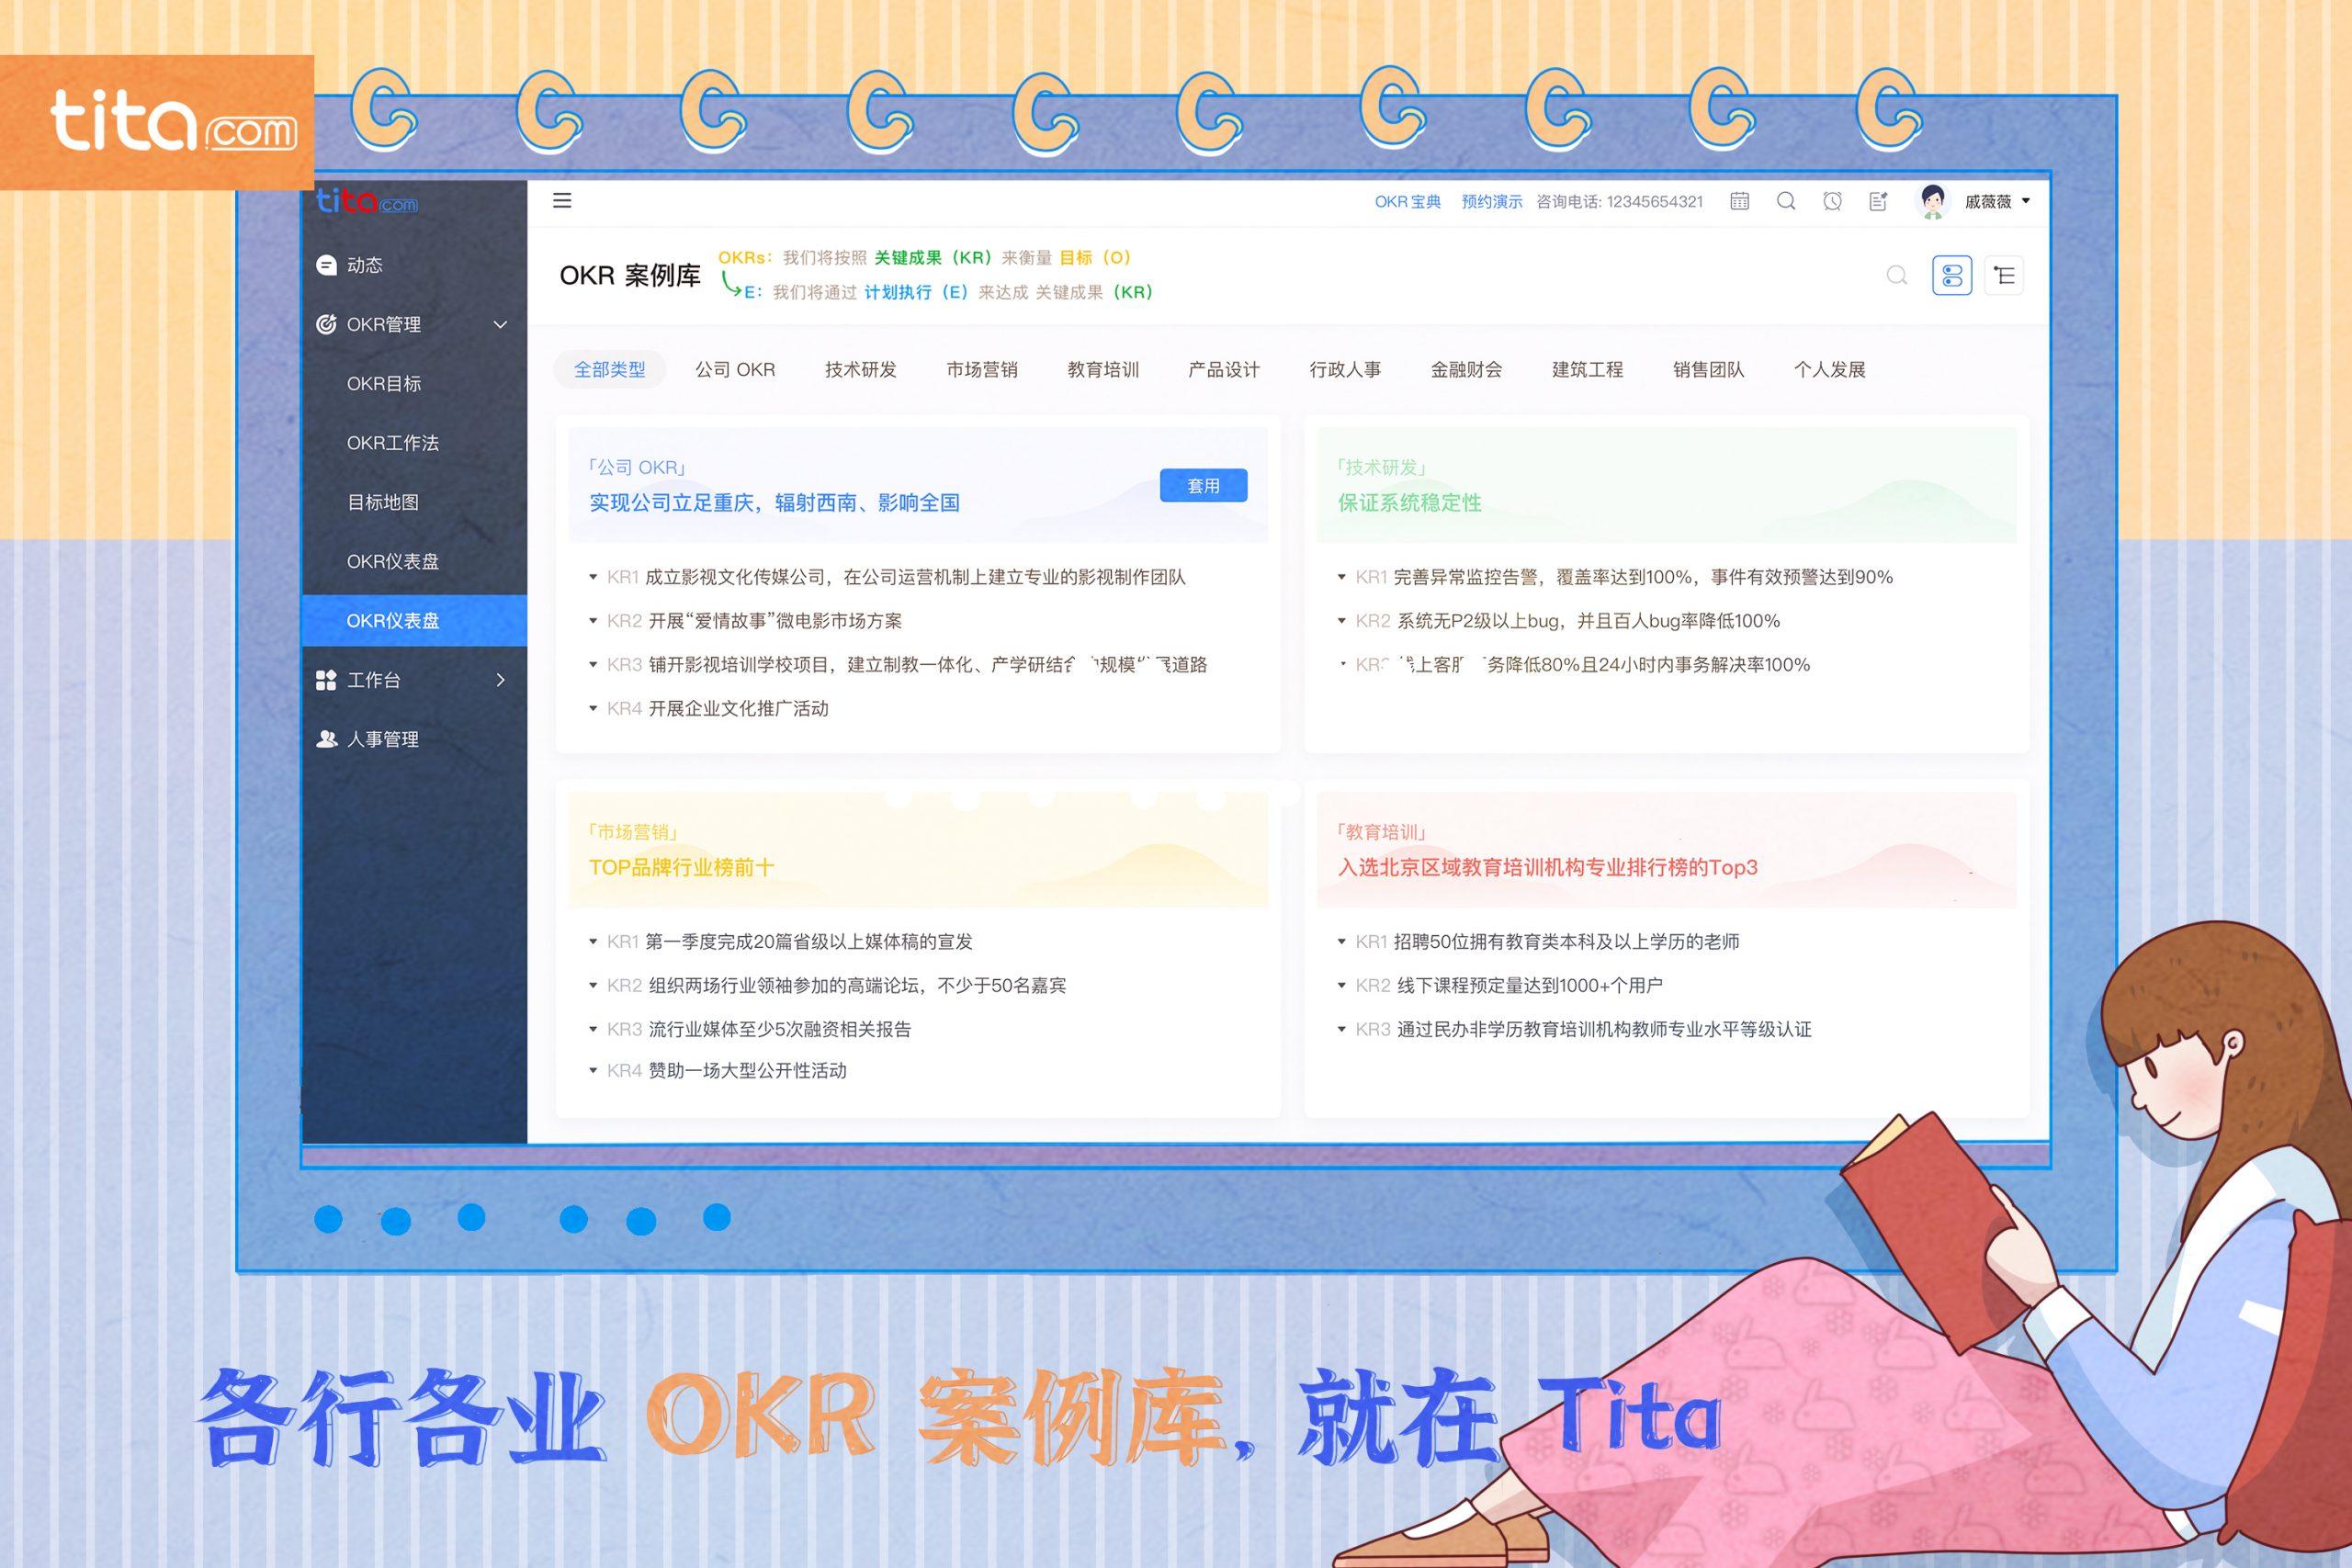 销售团队OKR案例